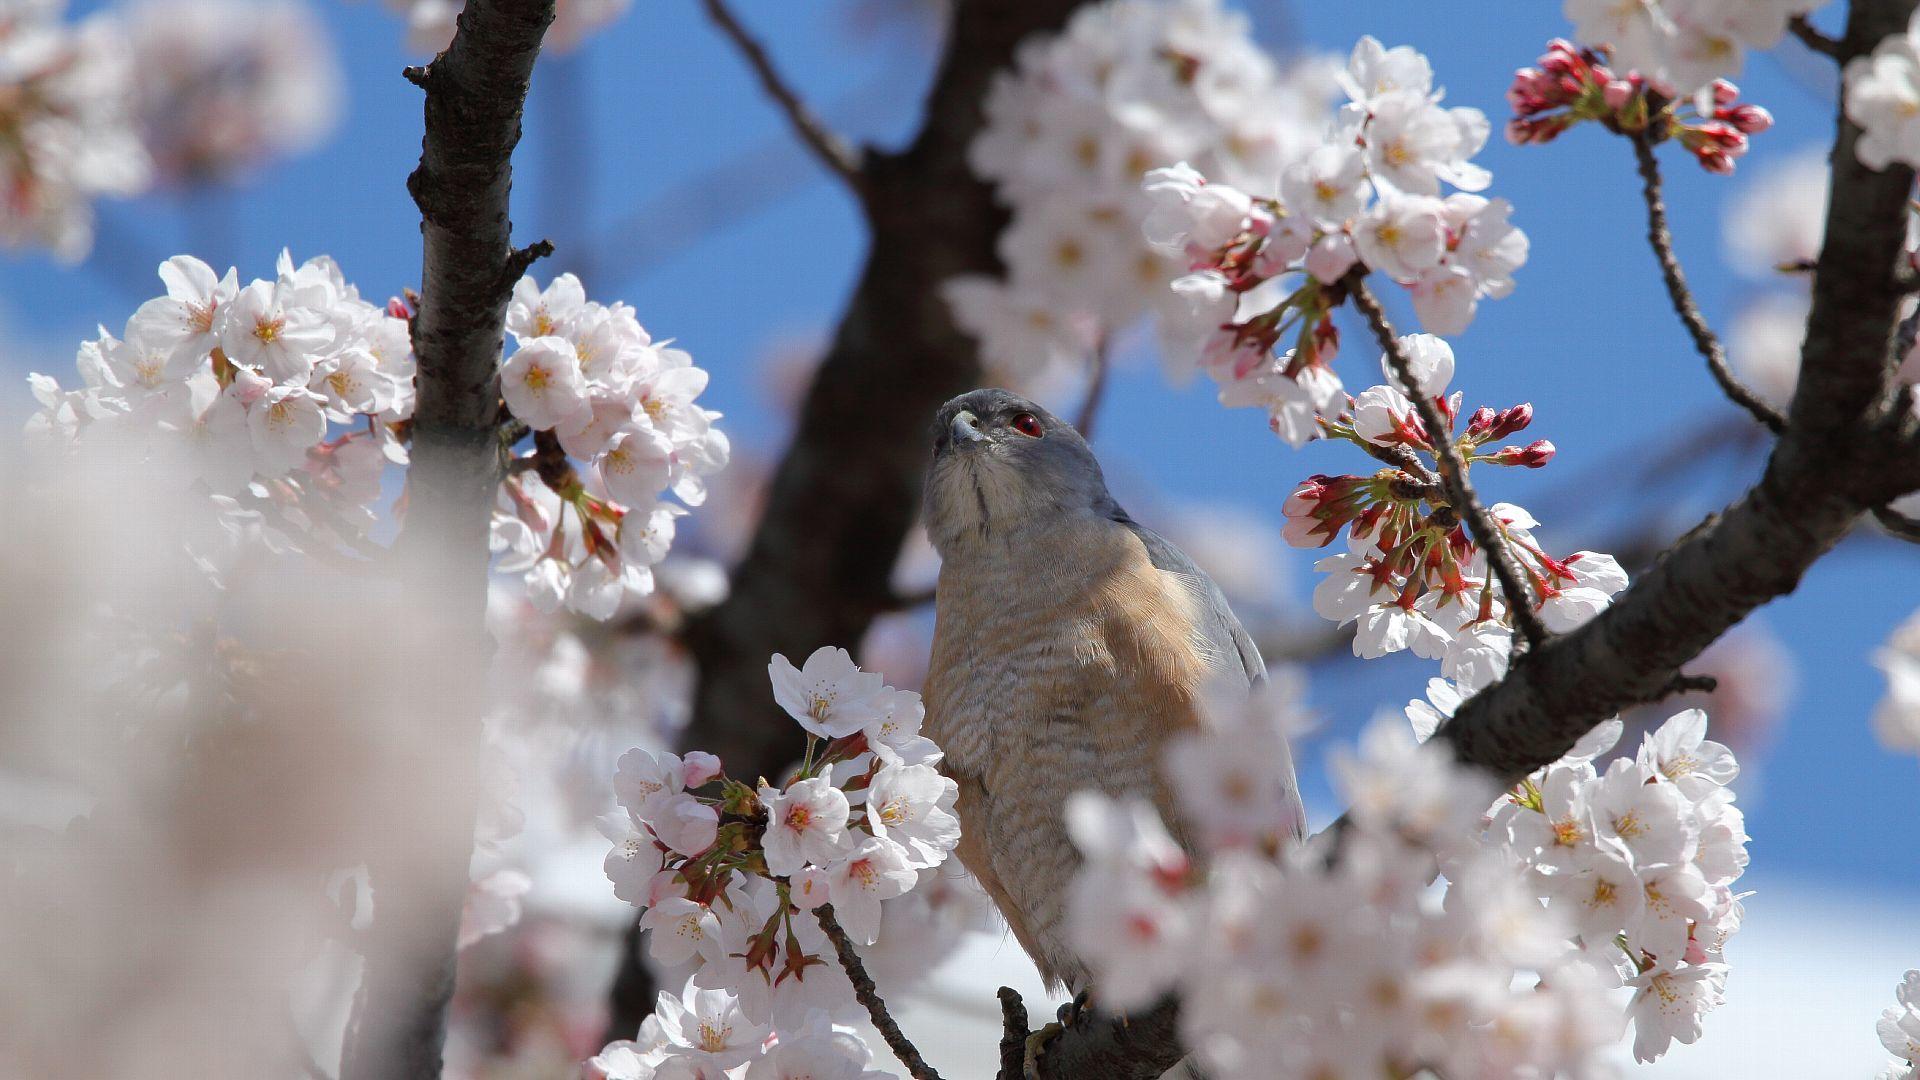 9年前のツミと桜_f0105570_18022287.jpg